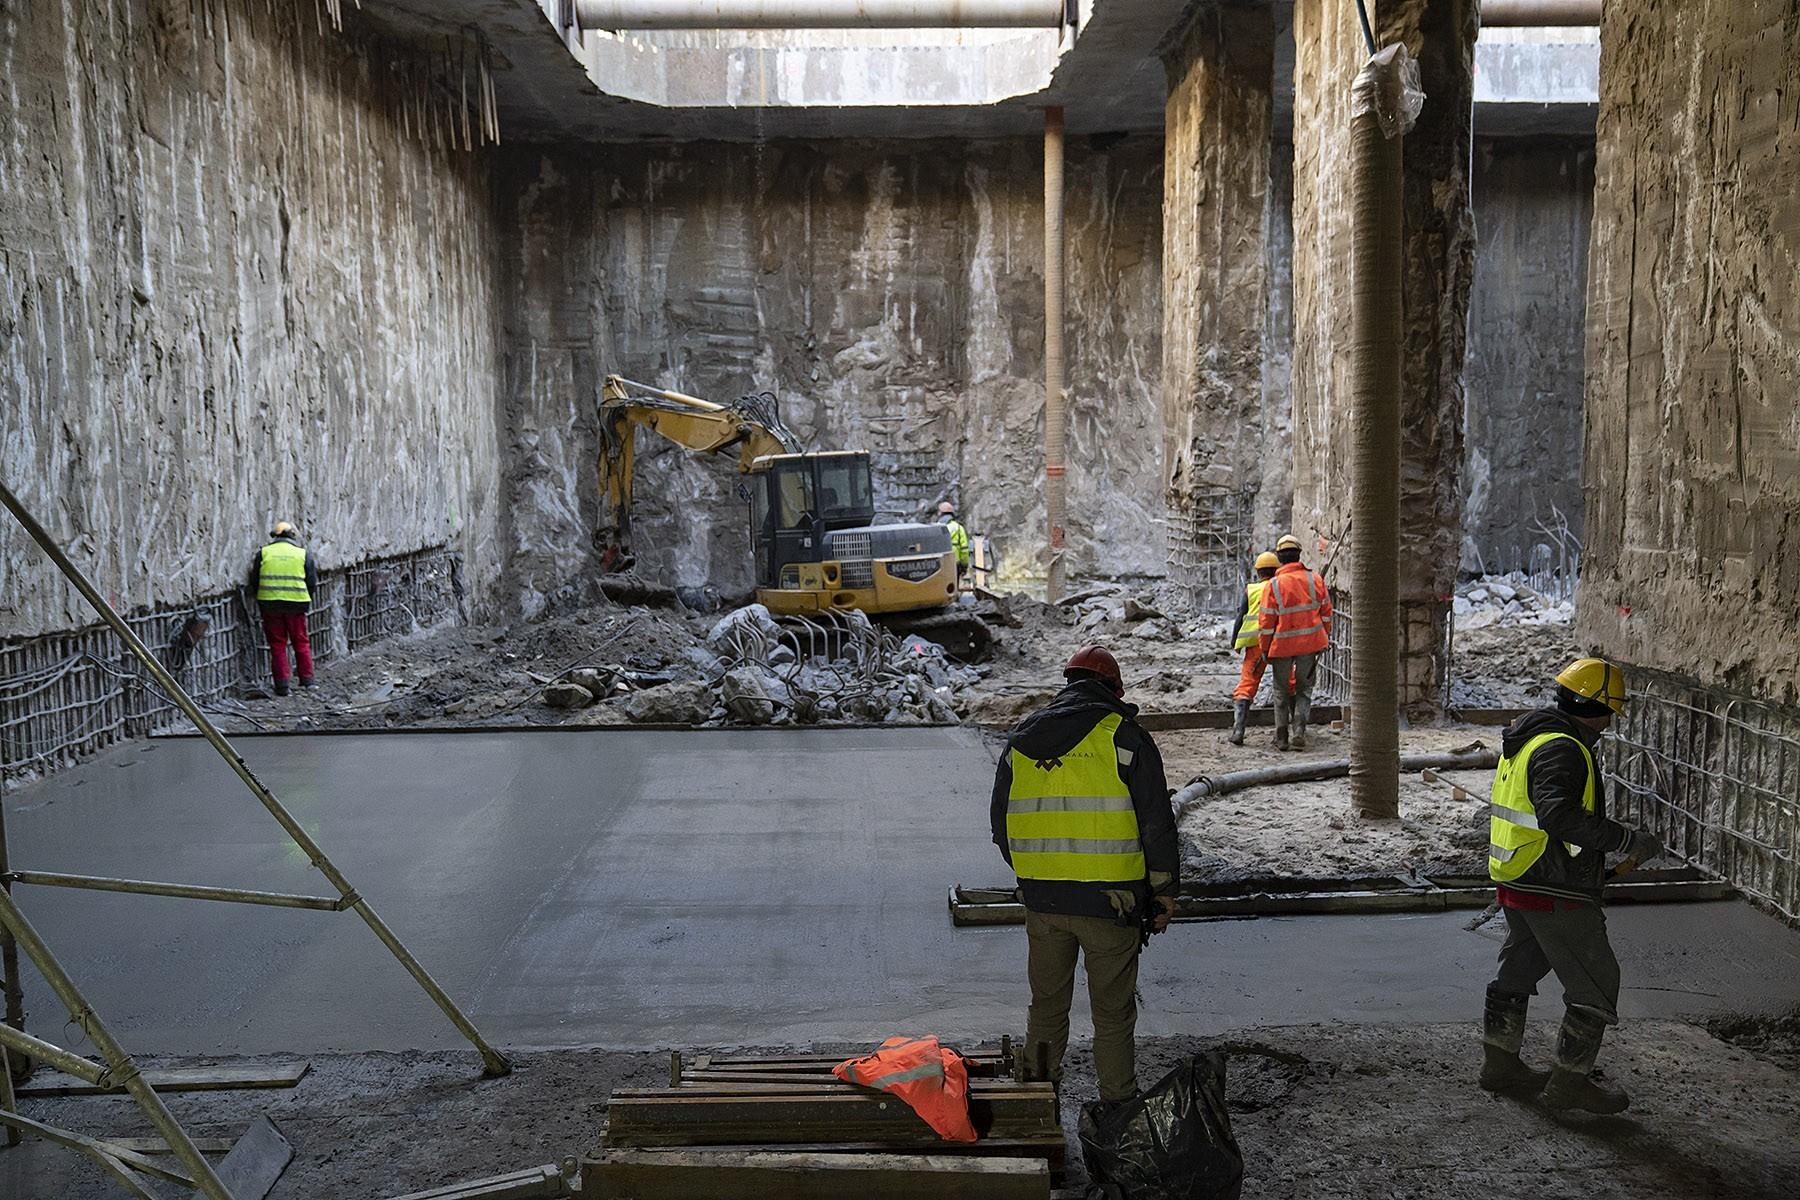 trwa-wylewanie-betonu-na-poziomie-plyty-dennej-przyszlej-stacji-brodno